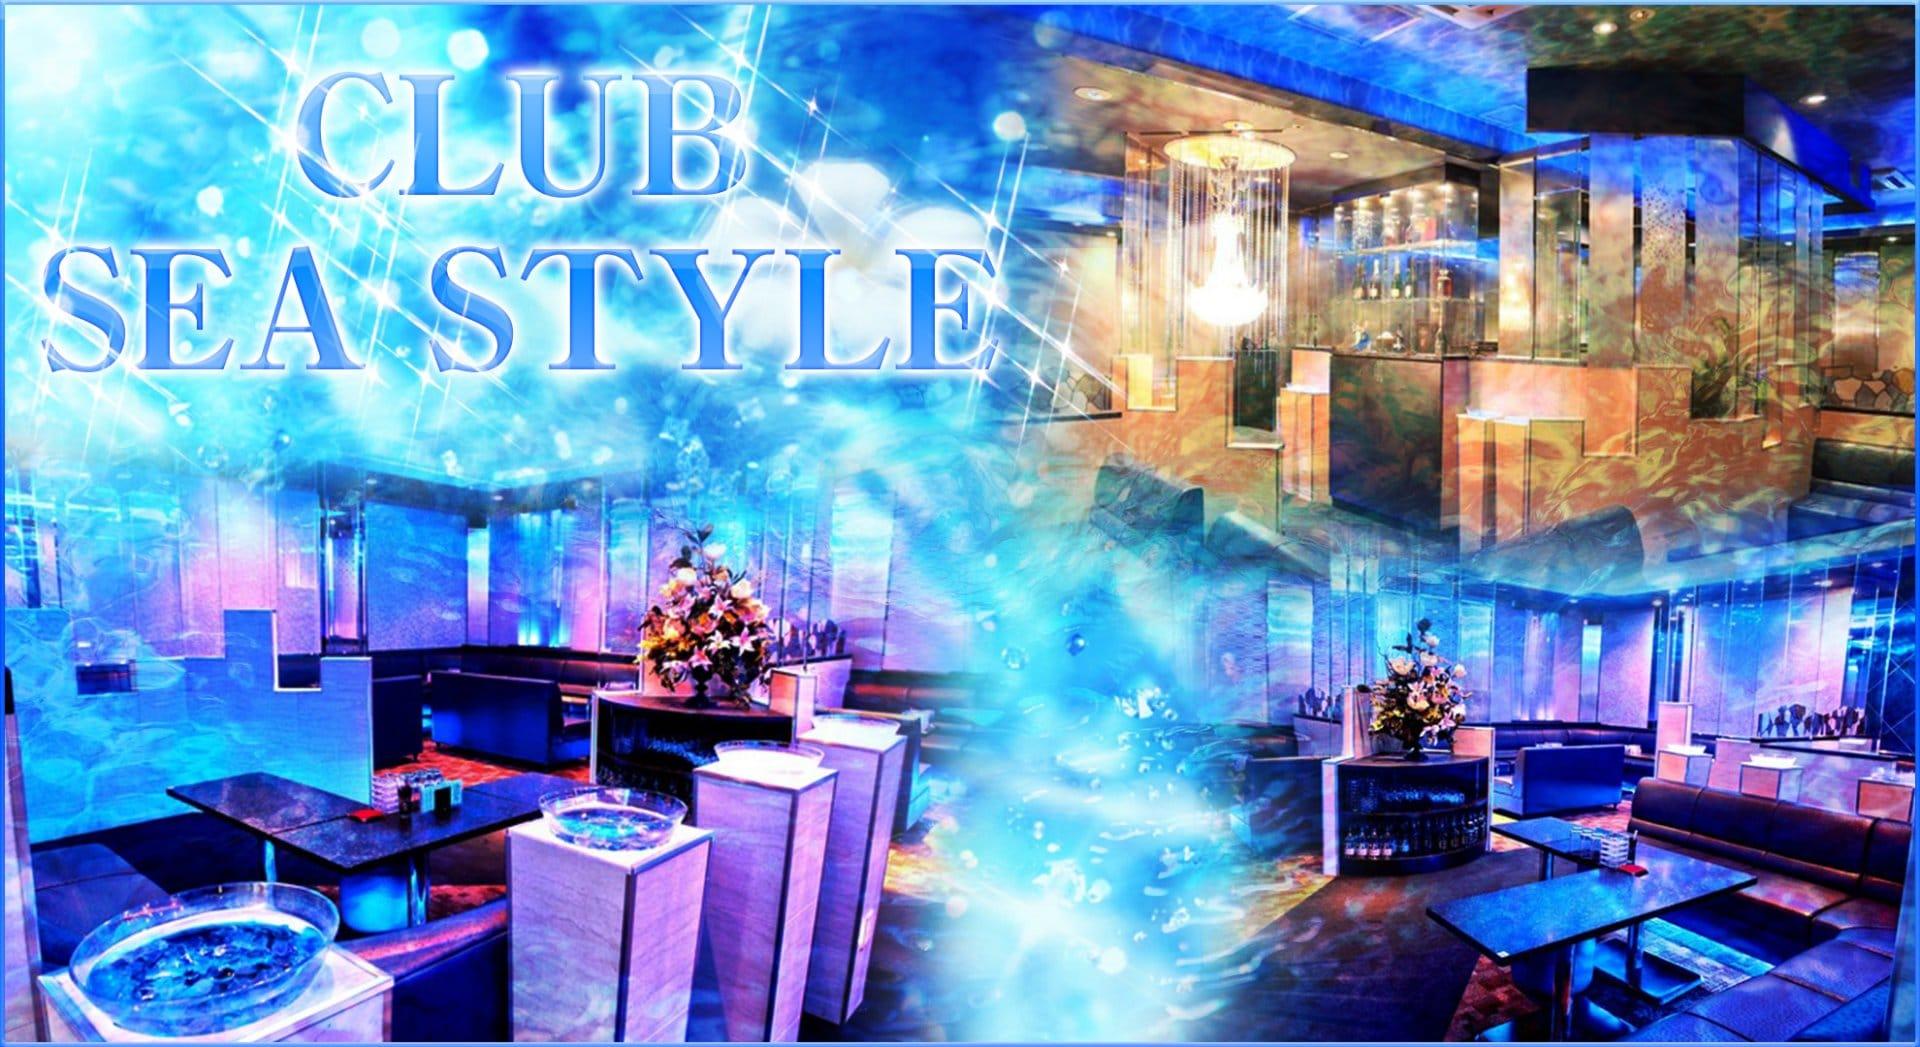 CLUB SEA STYLE (シースタイル) 中洲キャバクラ TOP画像